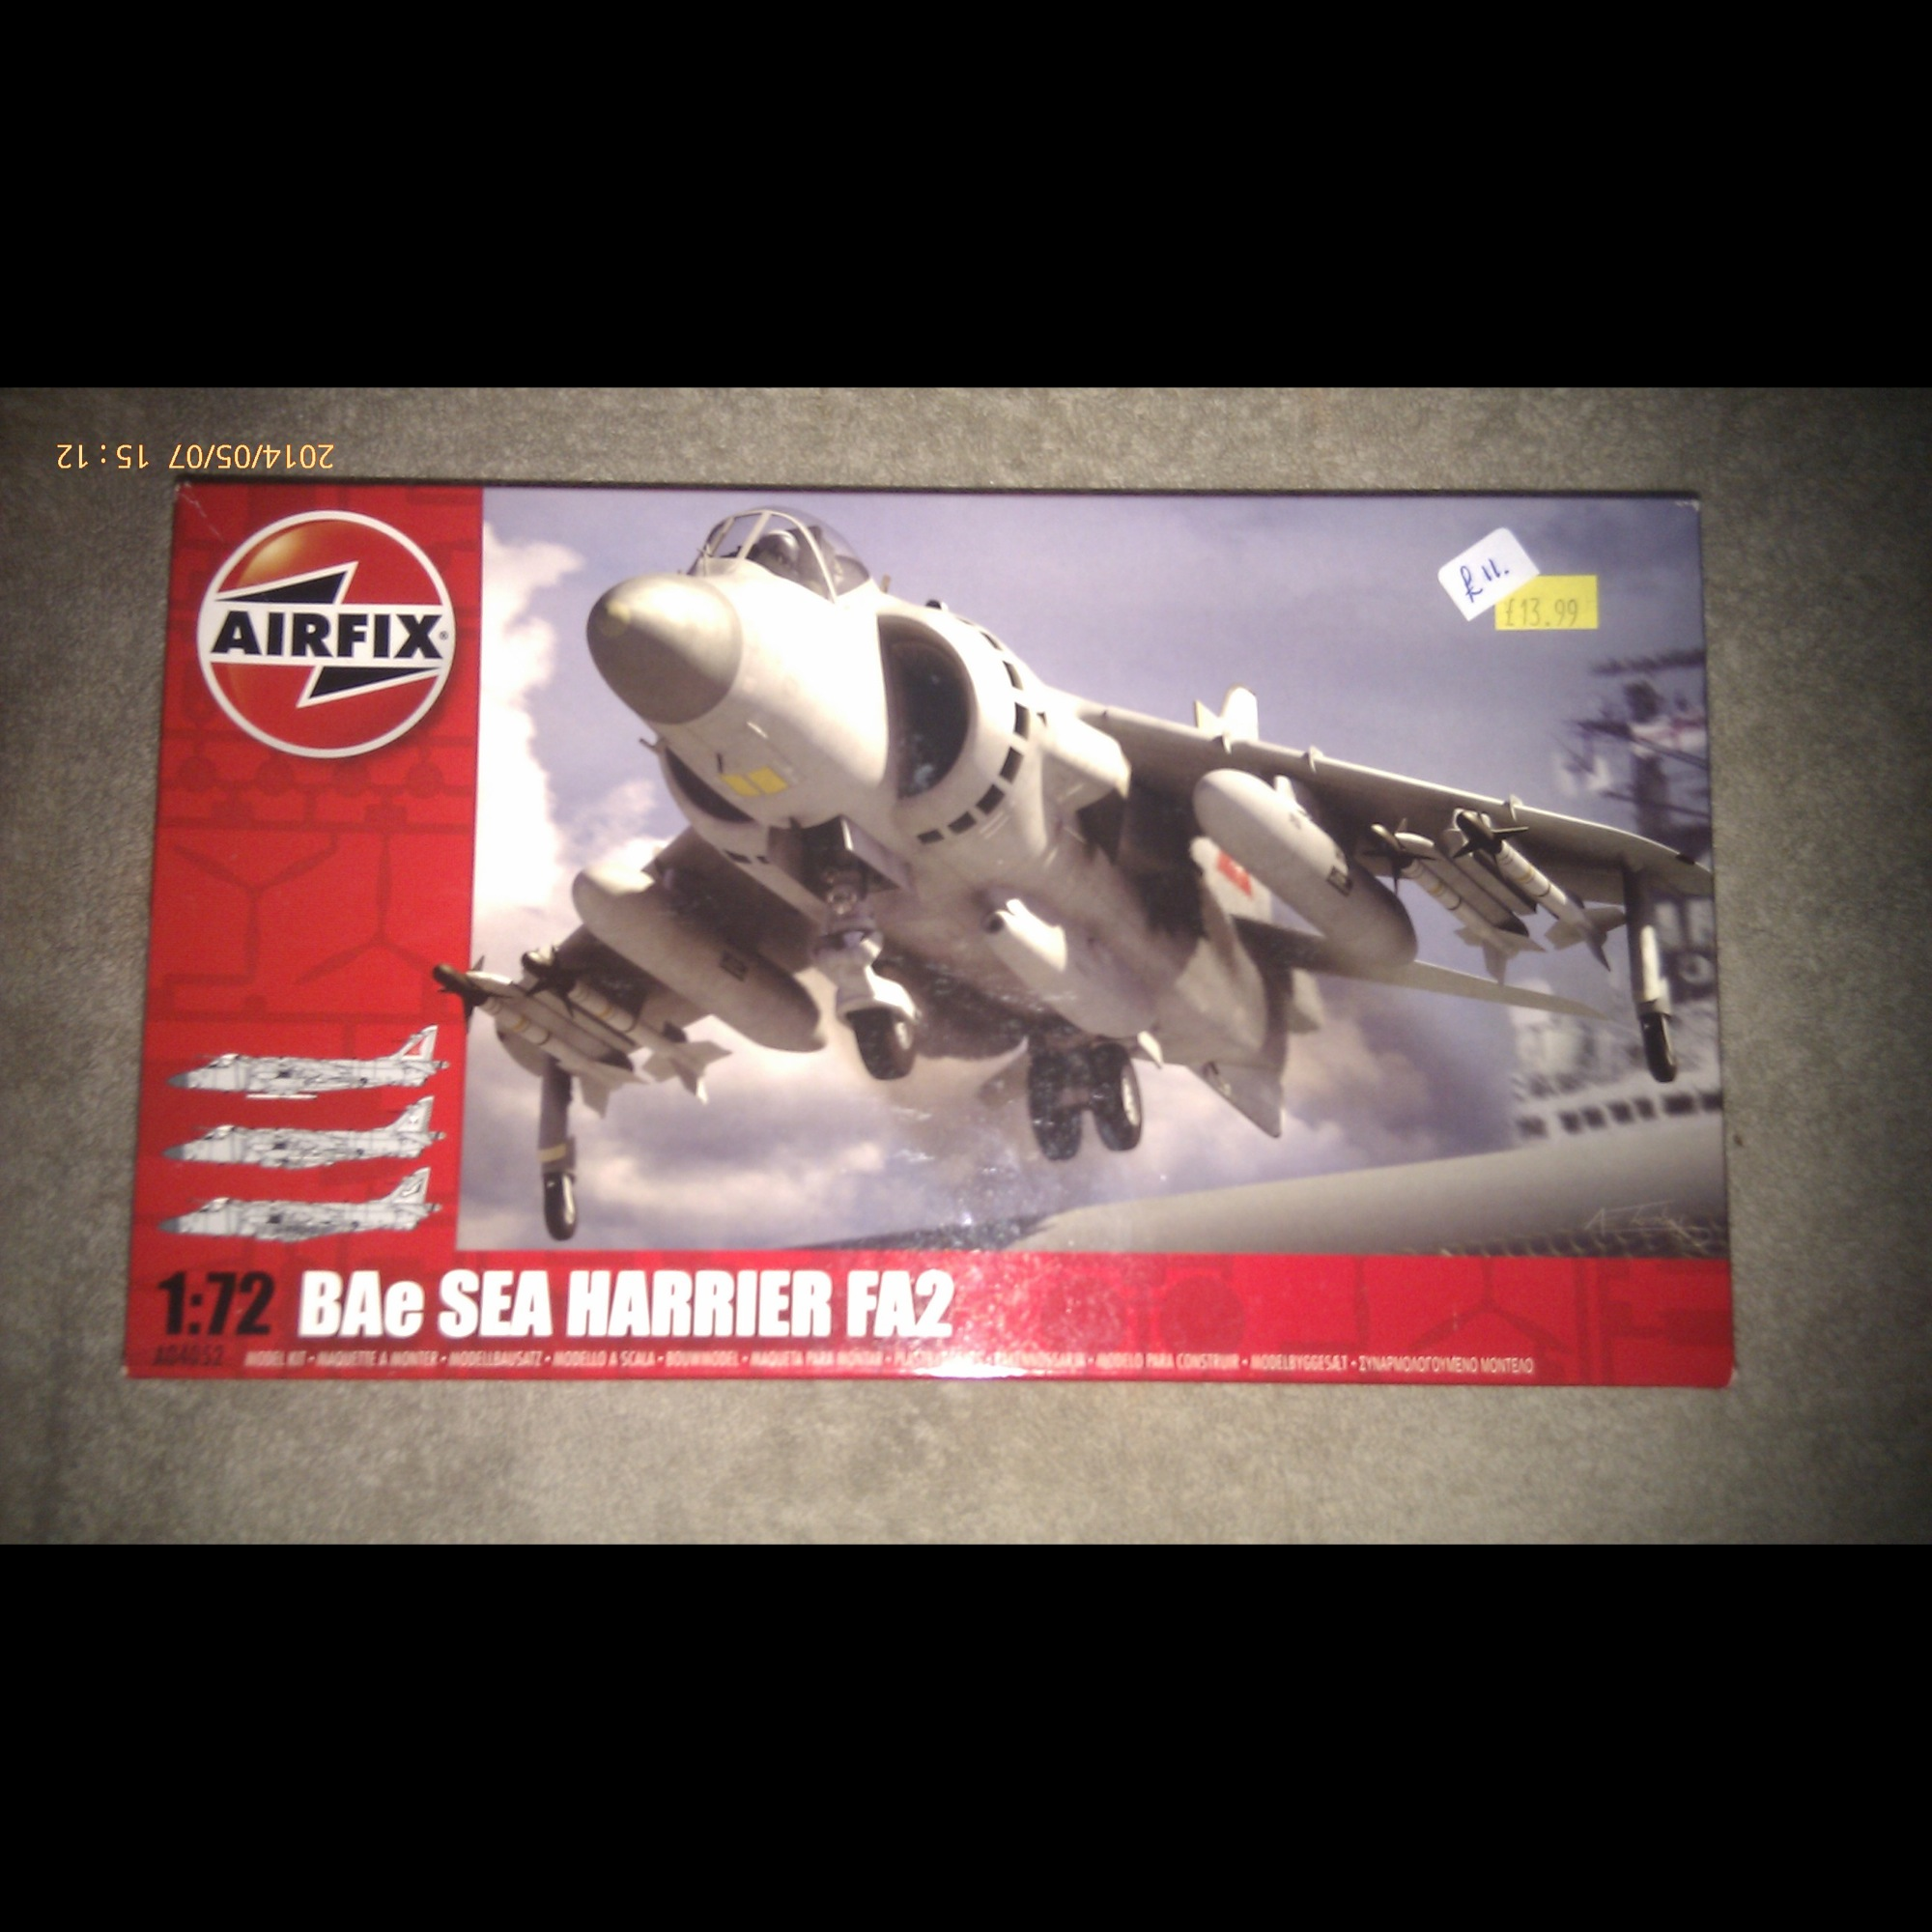 BAe Sea Harrier FA2